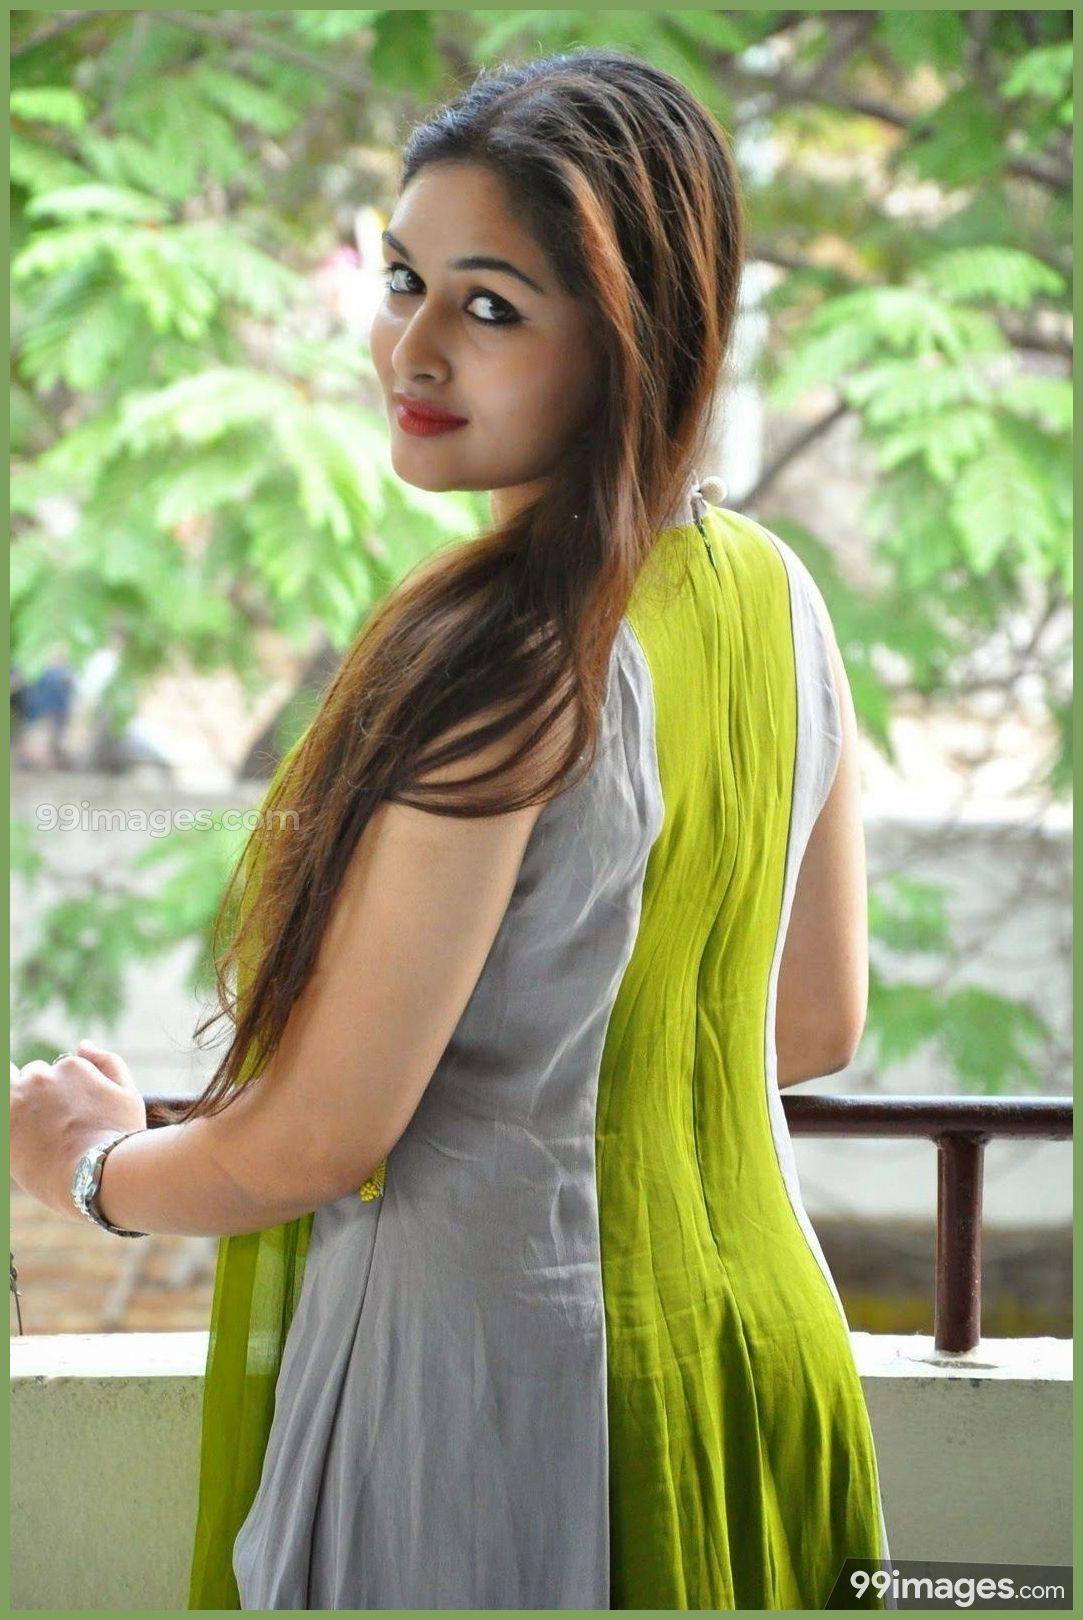 Prayaga Martin Beautiful Hd Photoshoot Stills - Beautiful Indian Girl Hd Wallpapers 1080p , HD Wallpaper & Backgrounds